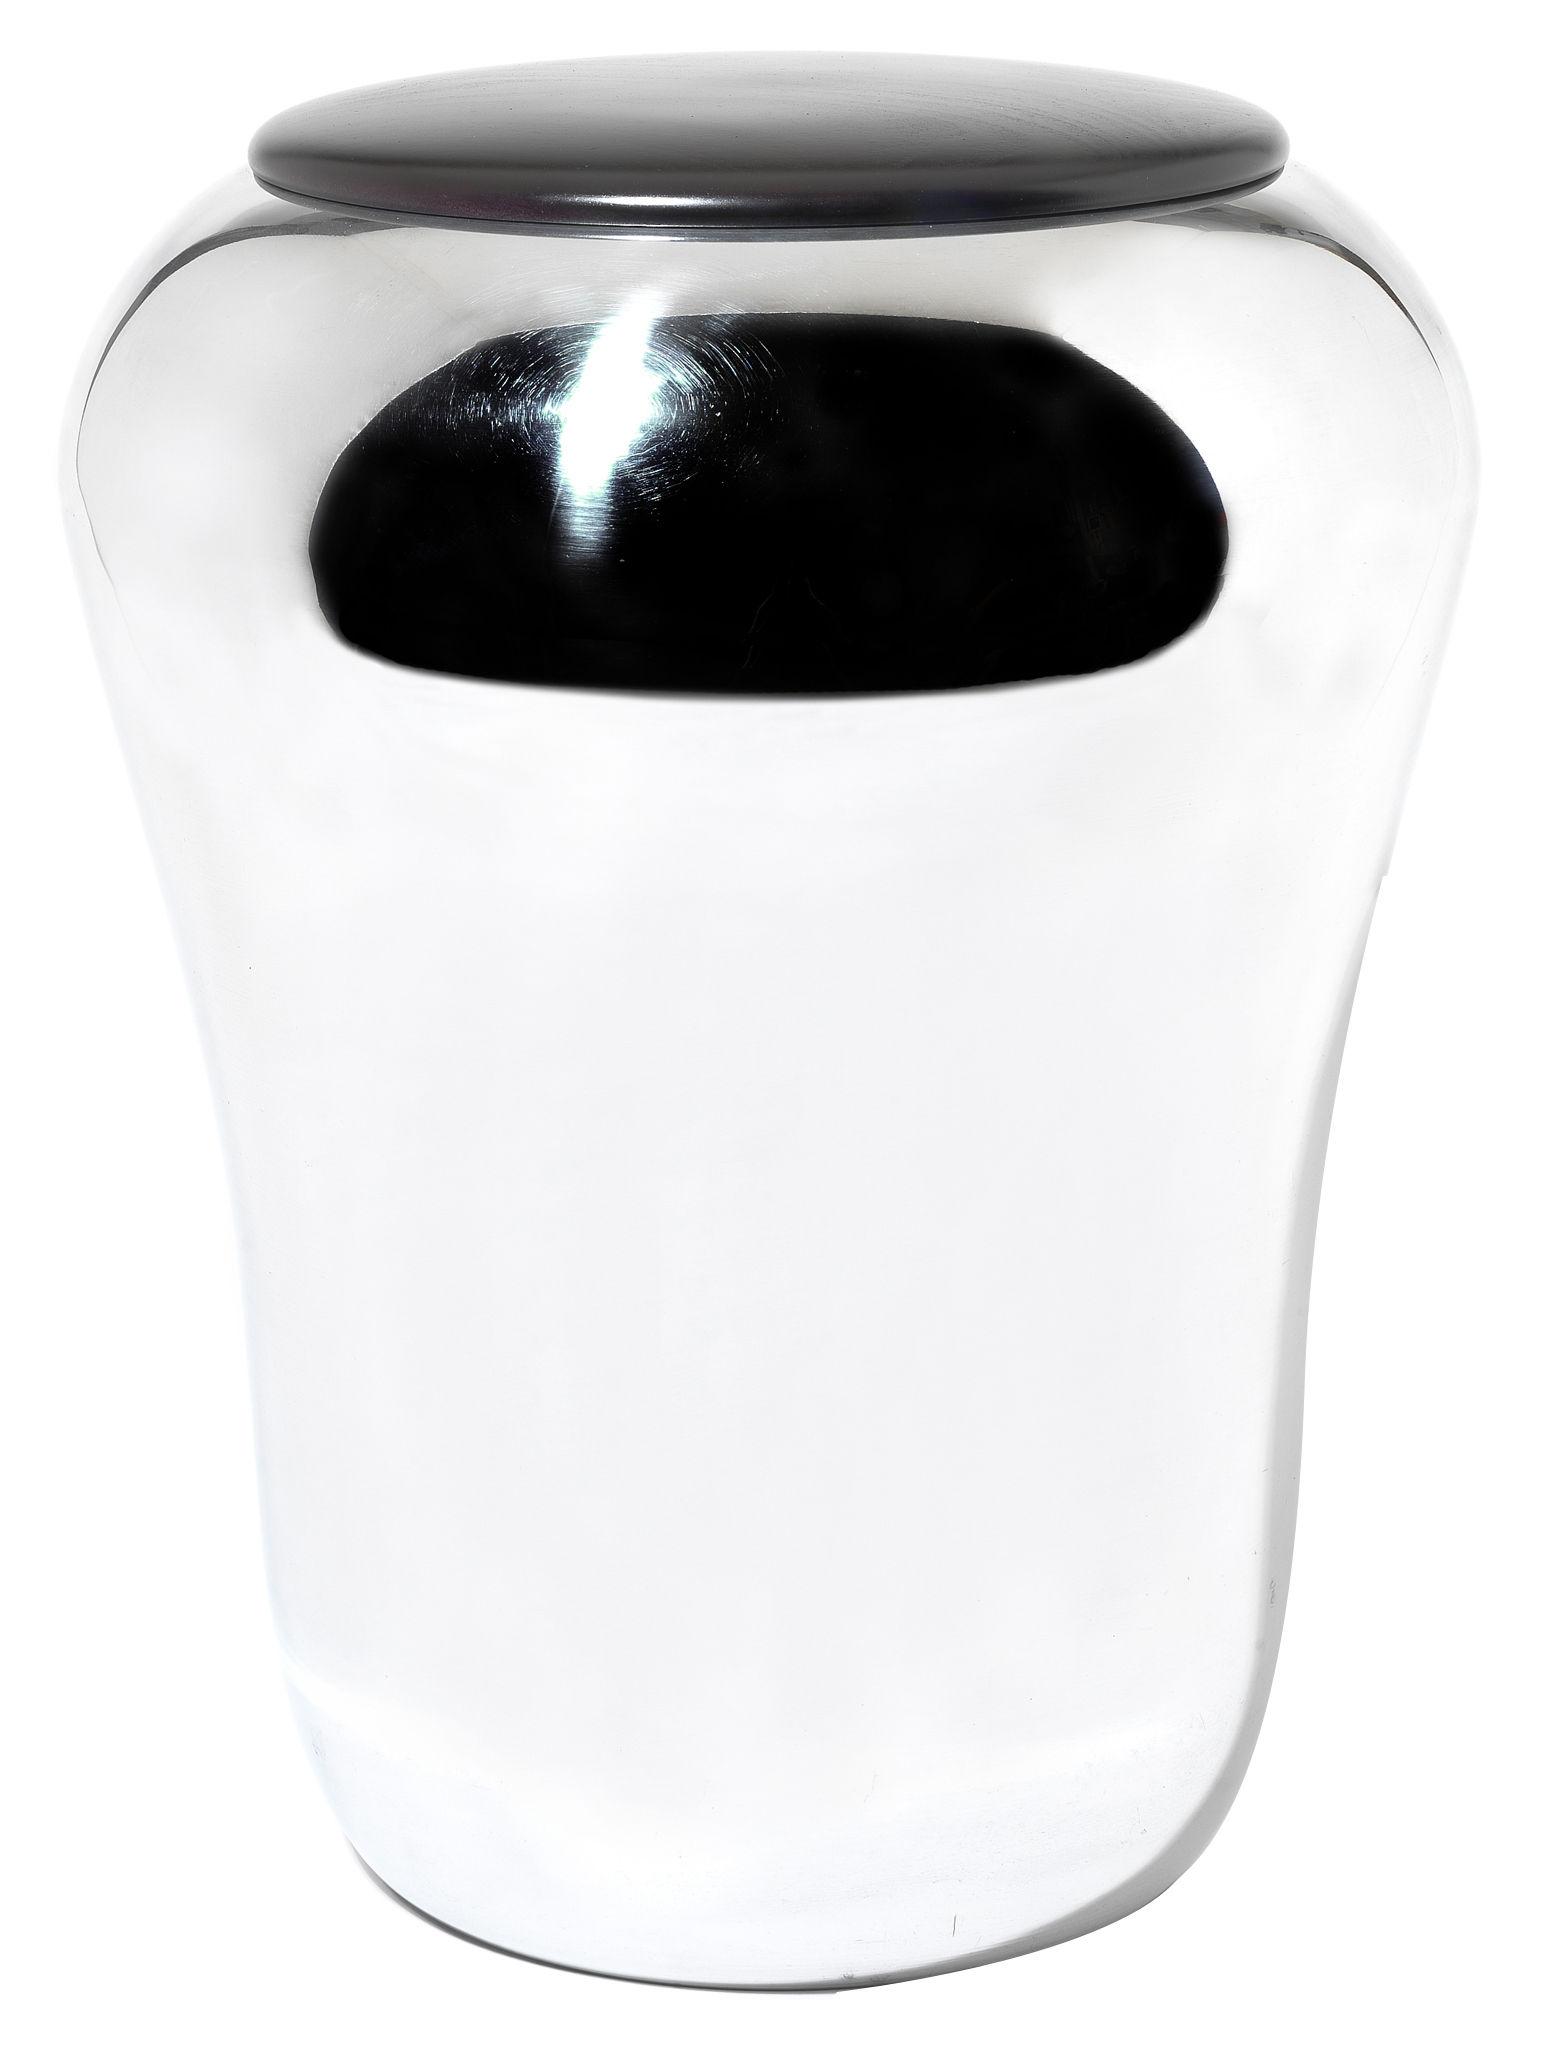 Arredamento - Sgabelli - Sgabello Babà di Alessi - Acciaio - Acciaio inossidabile lucido, Legno